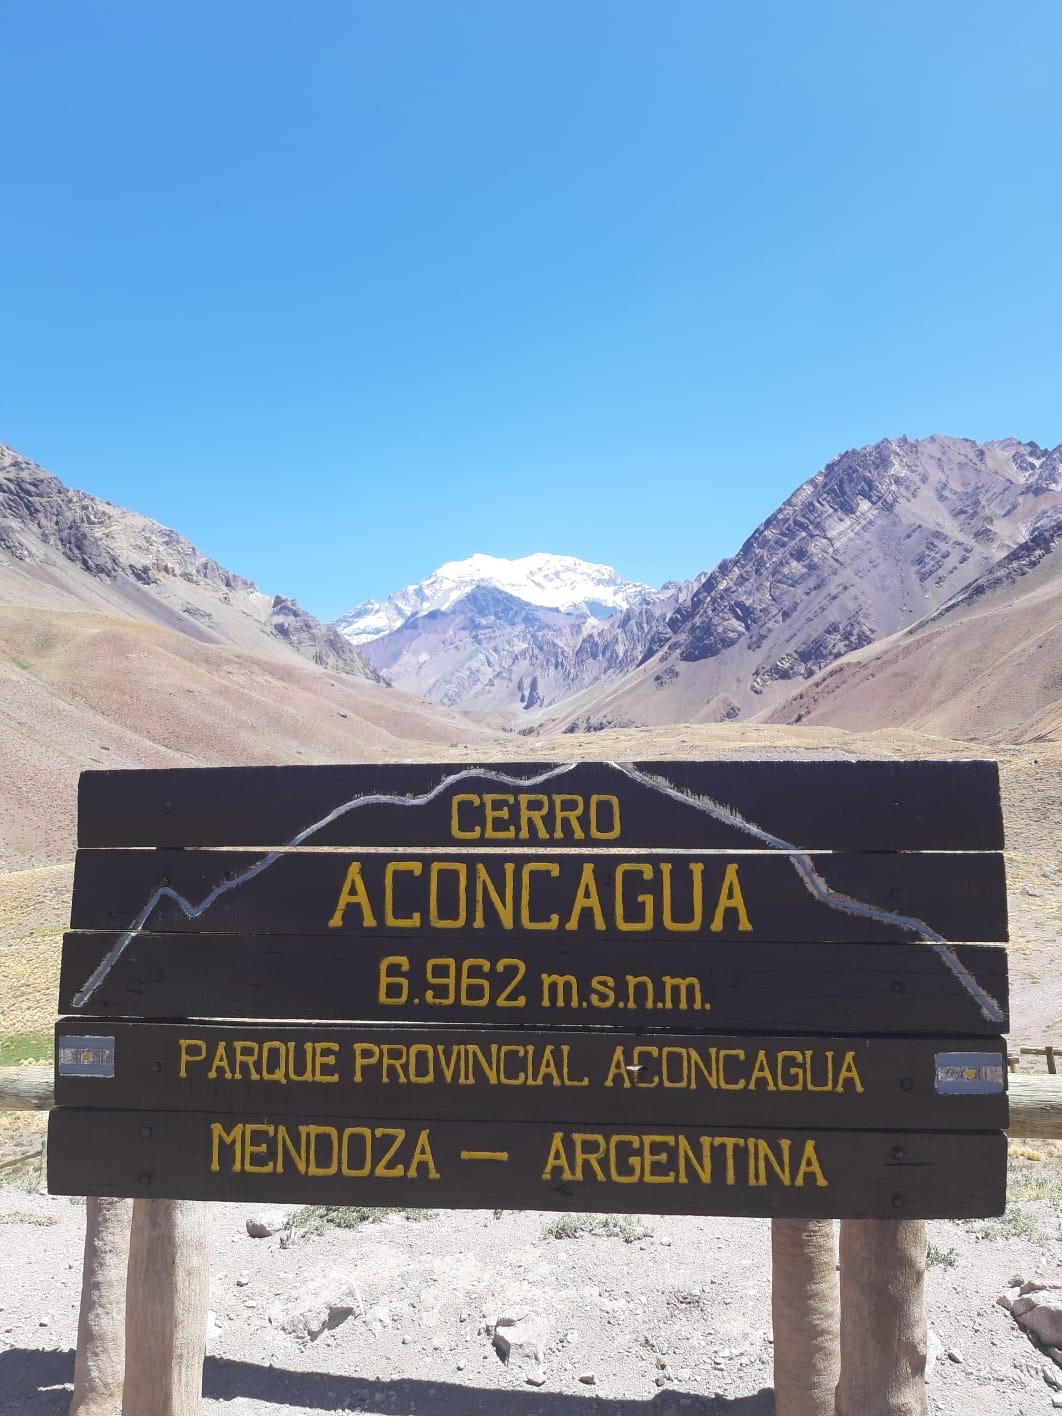 De berg in het midden daar achter is de Aconcagua, hoogste berg Zuid-Amerika